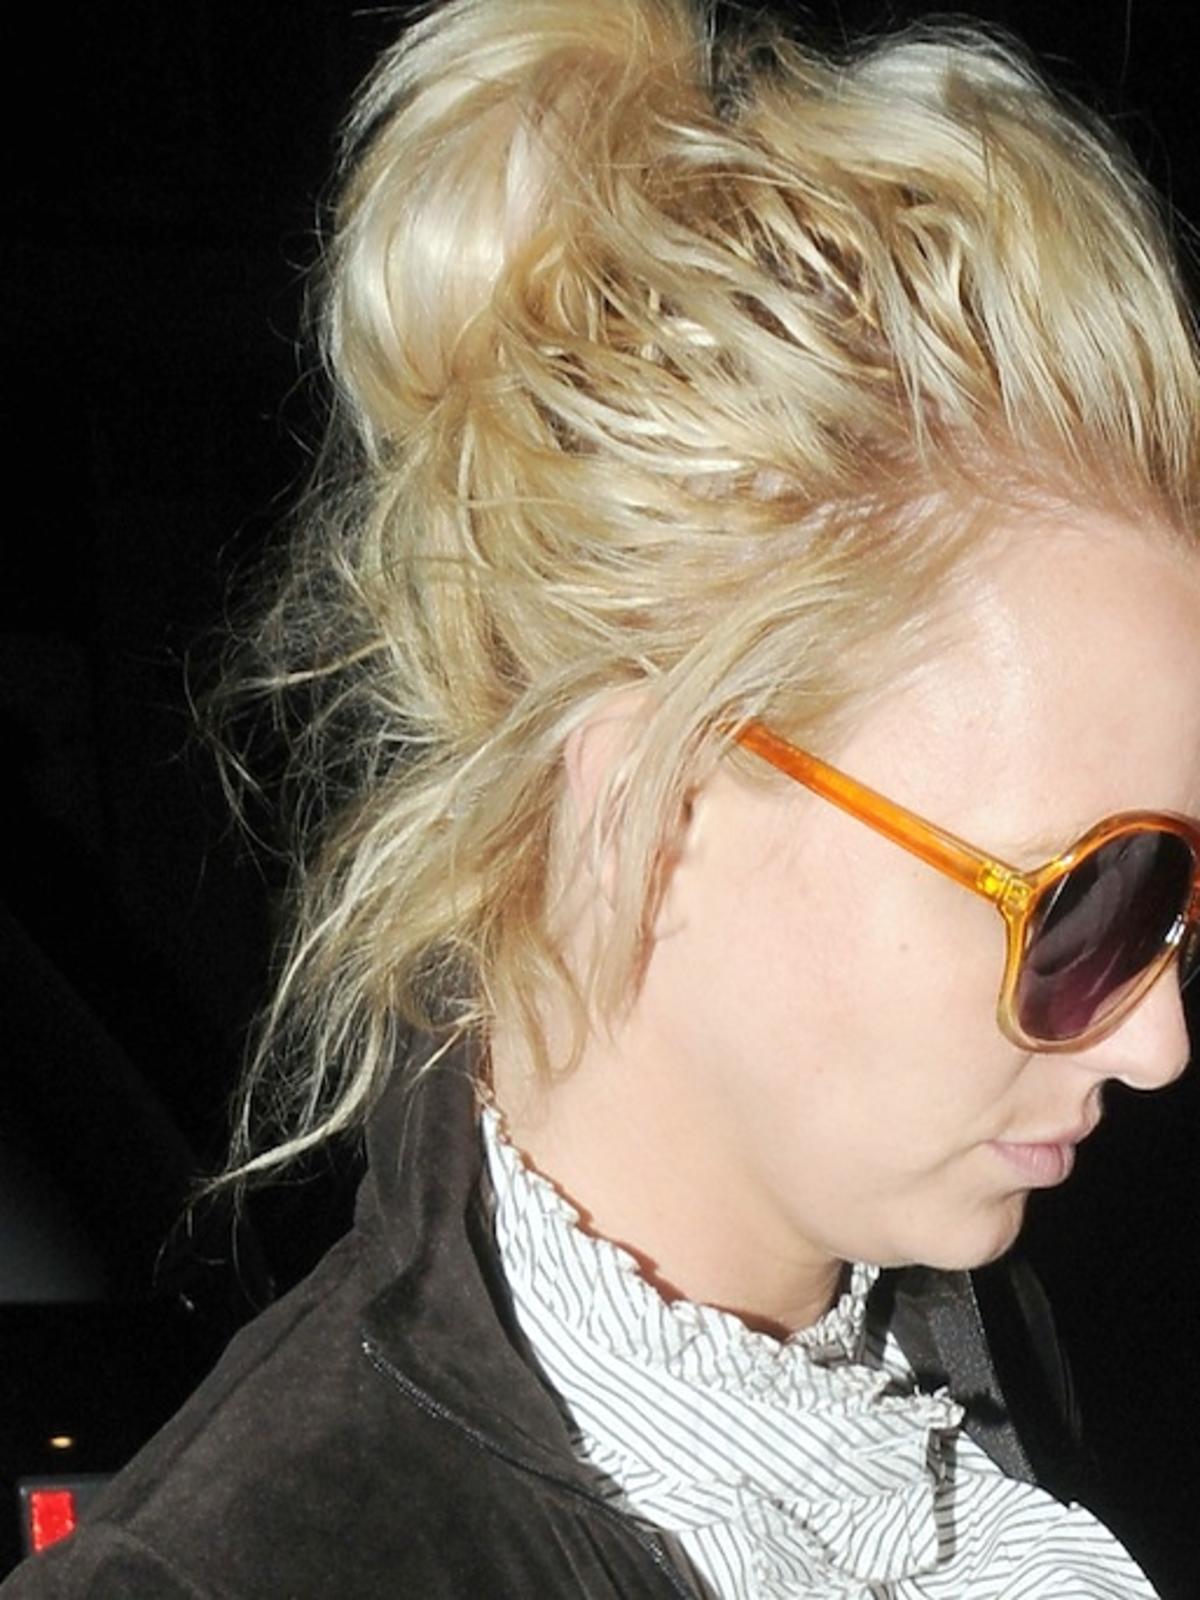 All-ONS_00650457-Britney_Spears.jpg